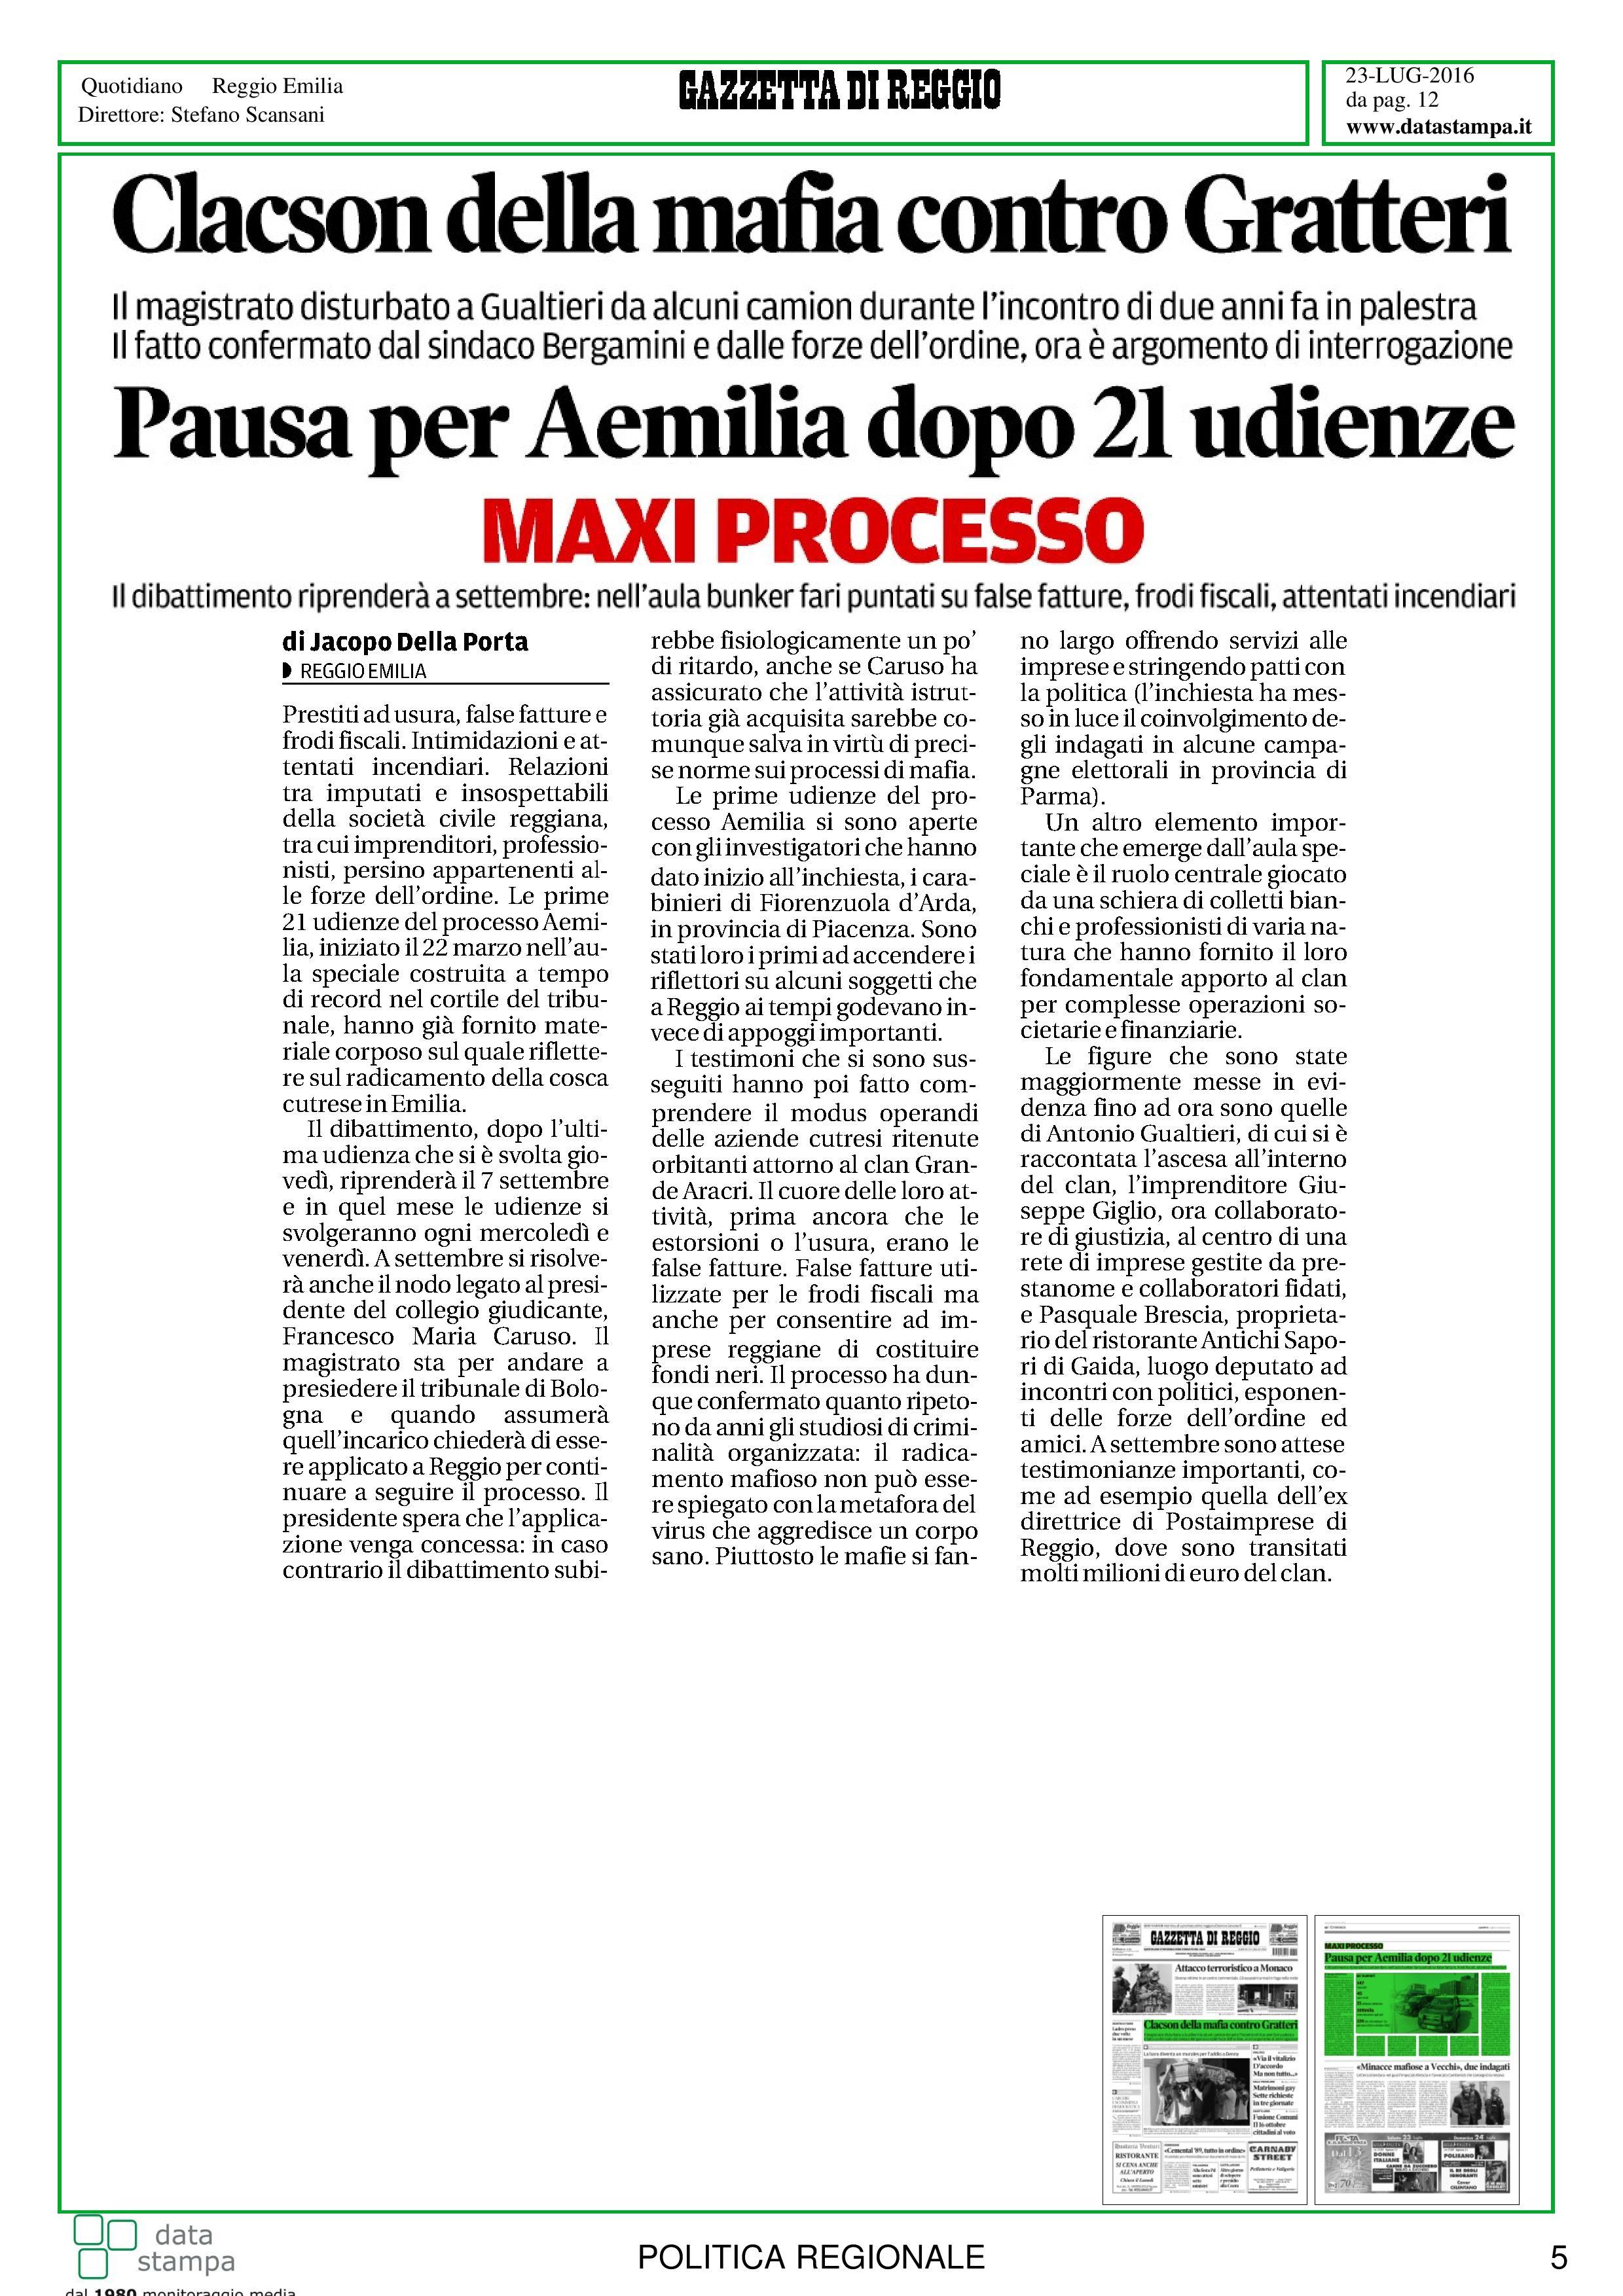 18-25-luglio-monitor-legalita-mafia-in-er-page-006